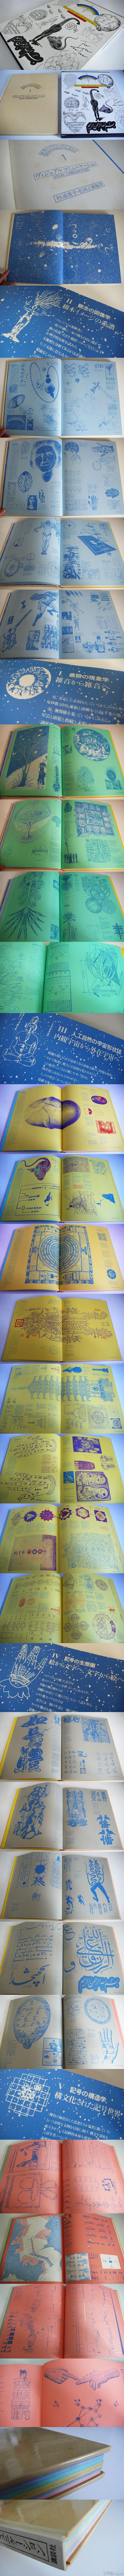 1976年版杉浦康平的《视觉传达》